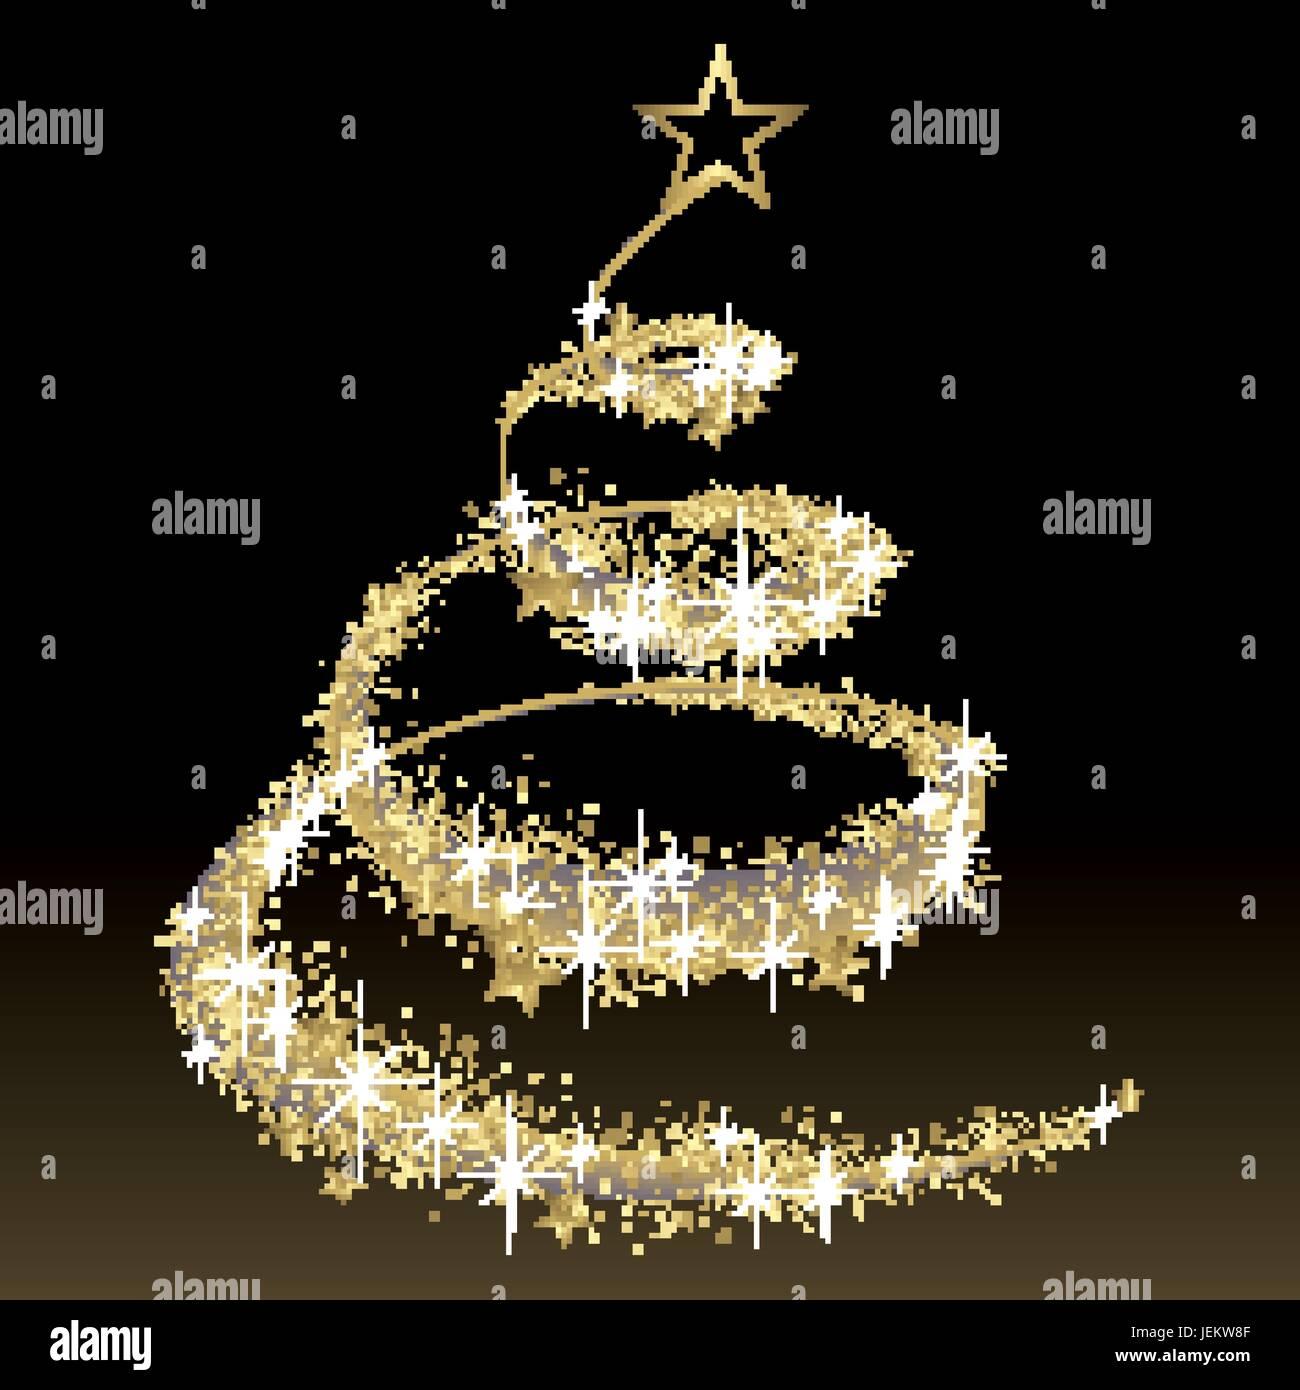 Weihnachtsbaum Schwarz.Schwarz Und Gold Vektor Weihnachtsbaum Mit Glitter Vektor Abbildung